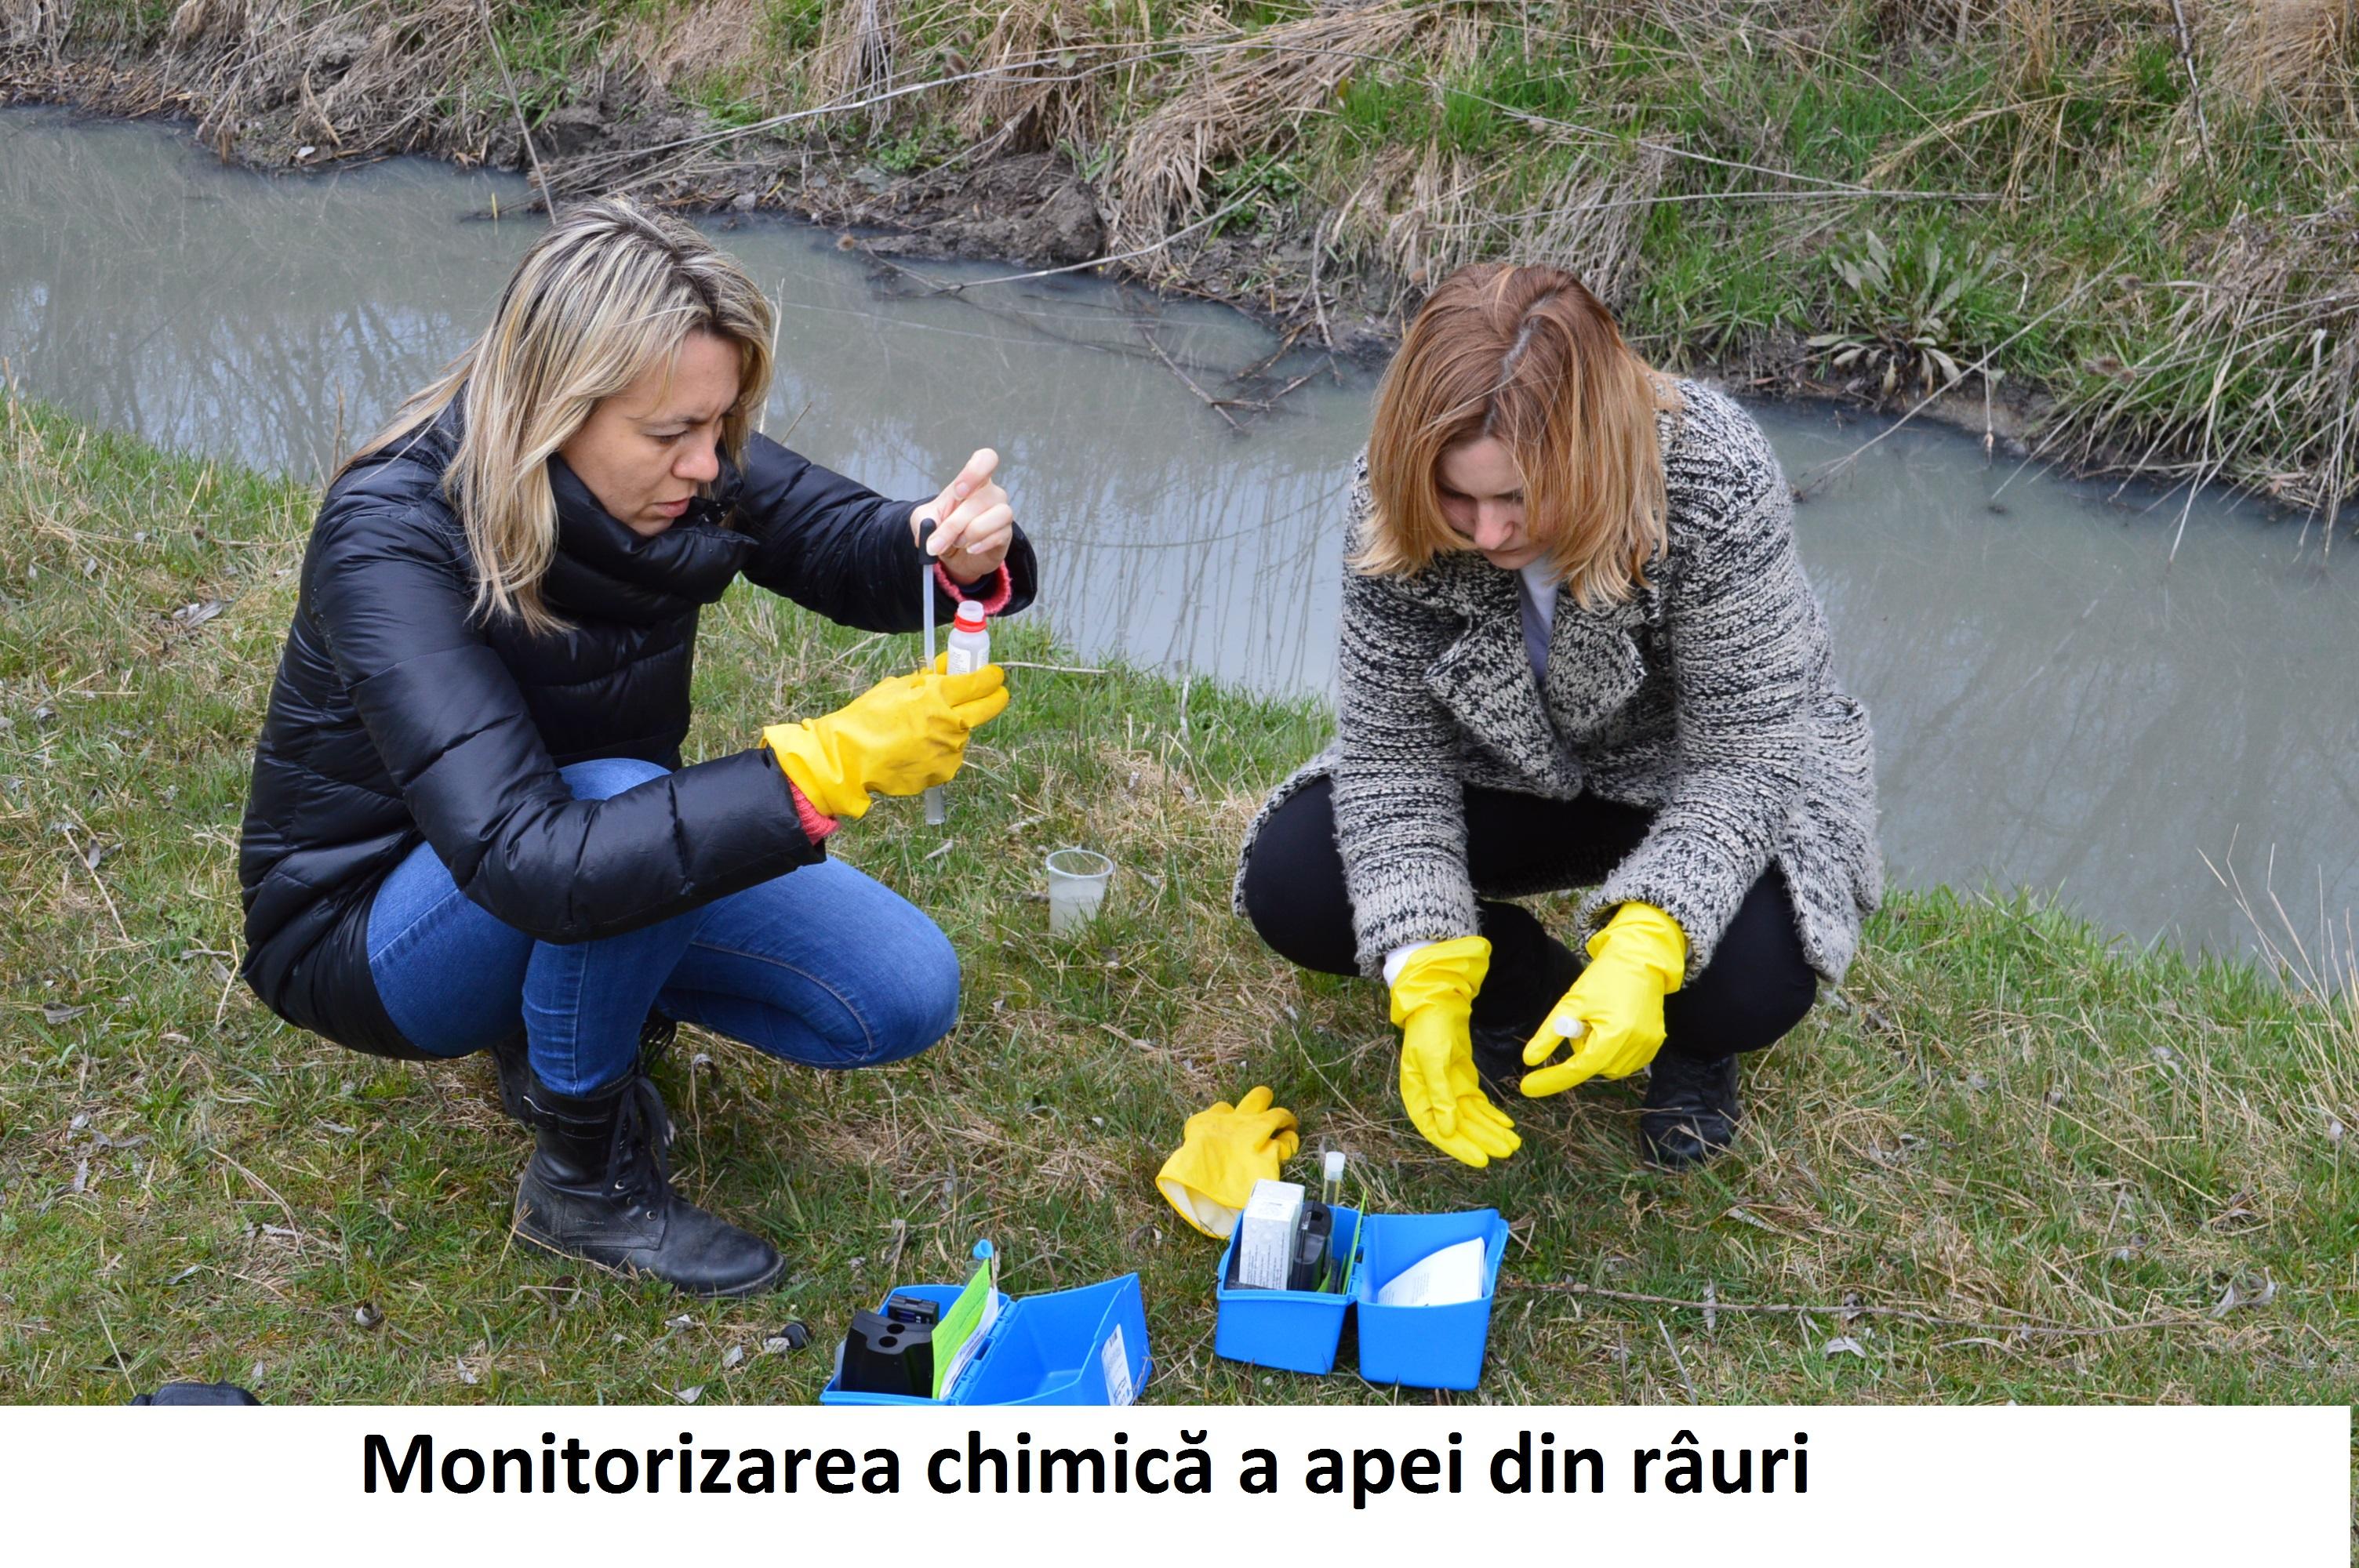 Monitorizarea chimică a apei din râuri: Iuliana Cantaragiu și Ina Coșeru, Centrul Național de Mediu